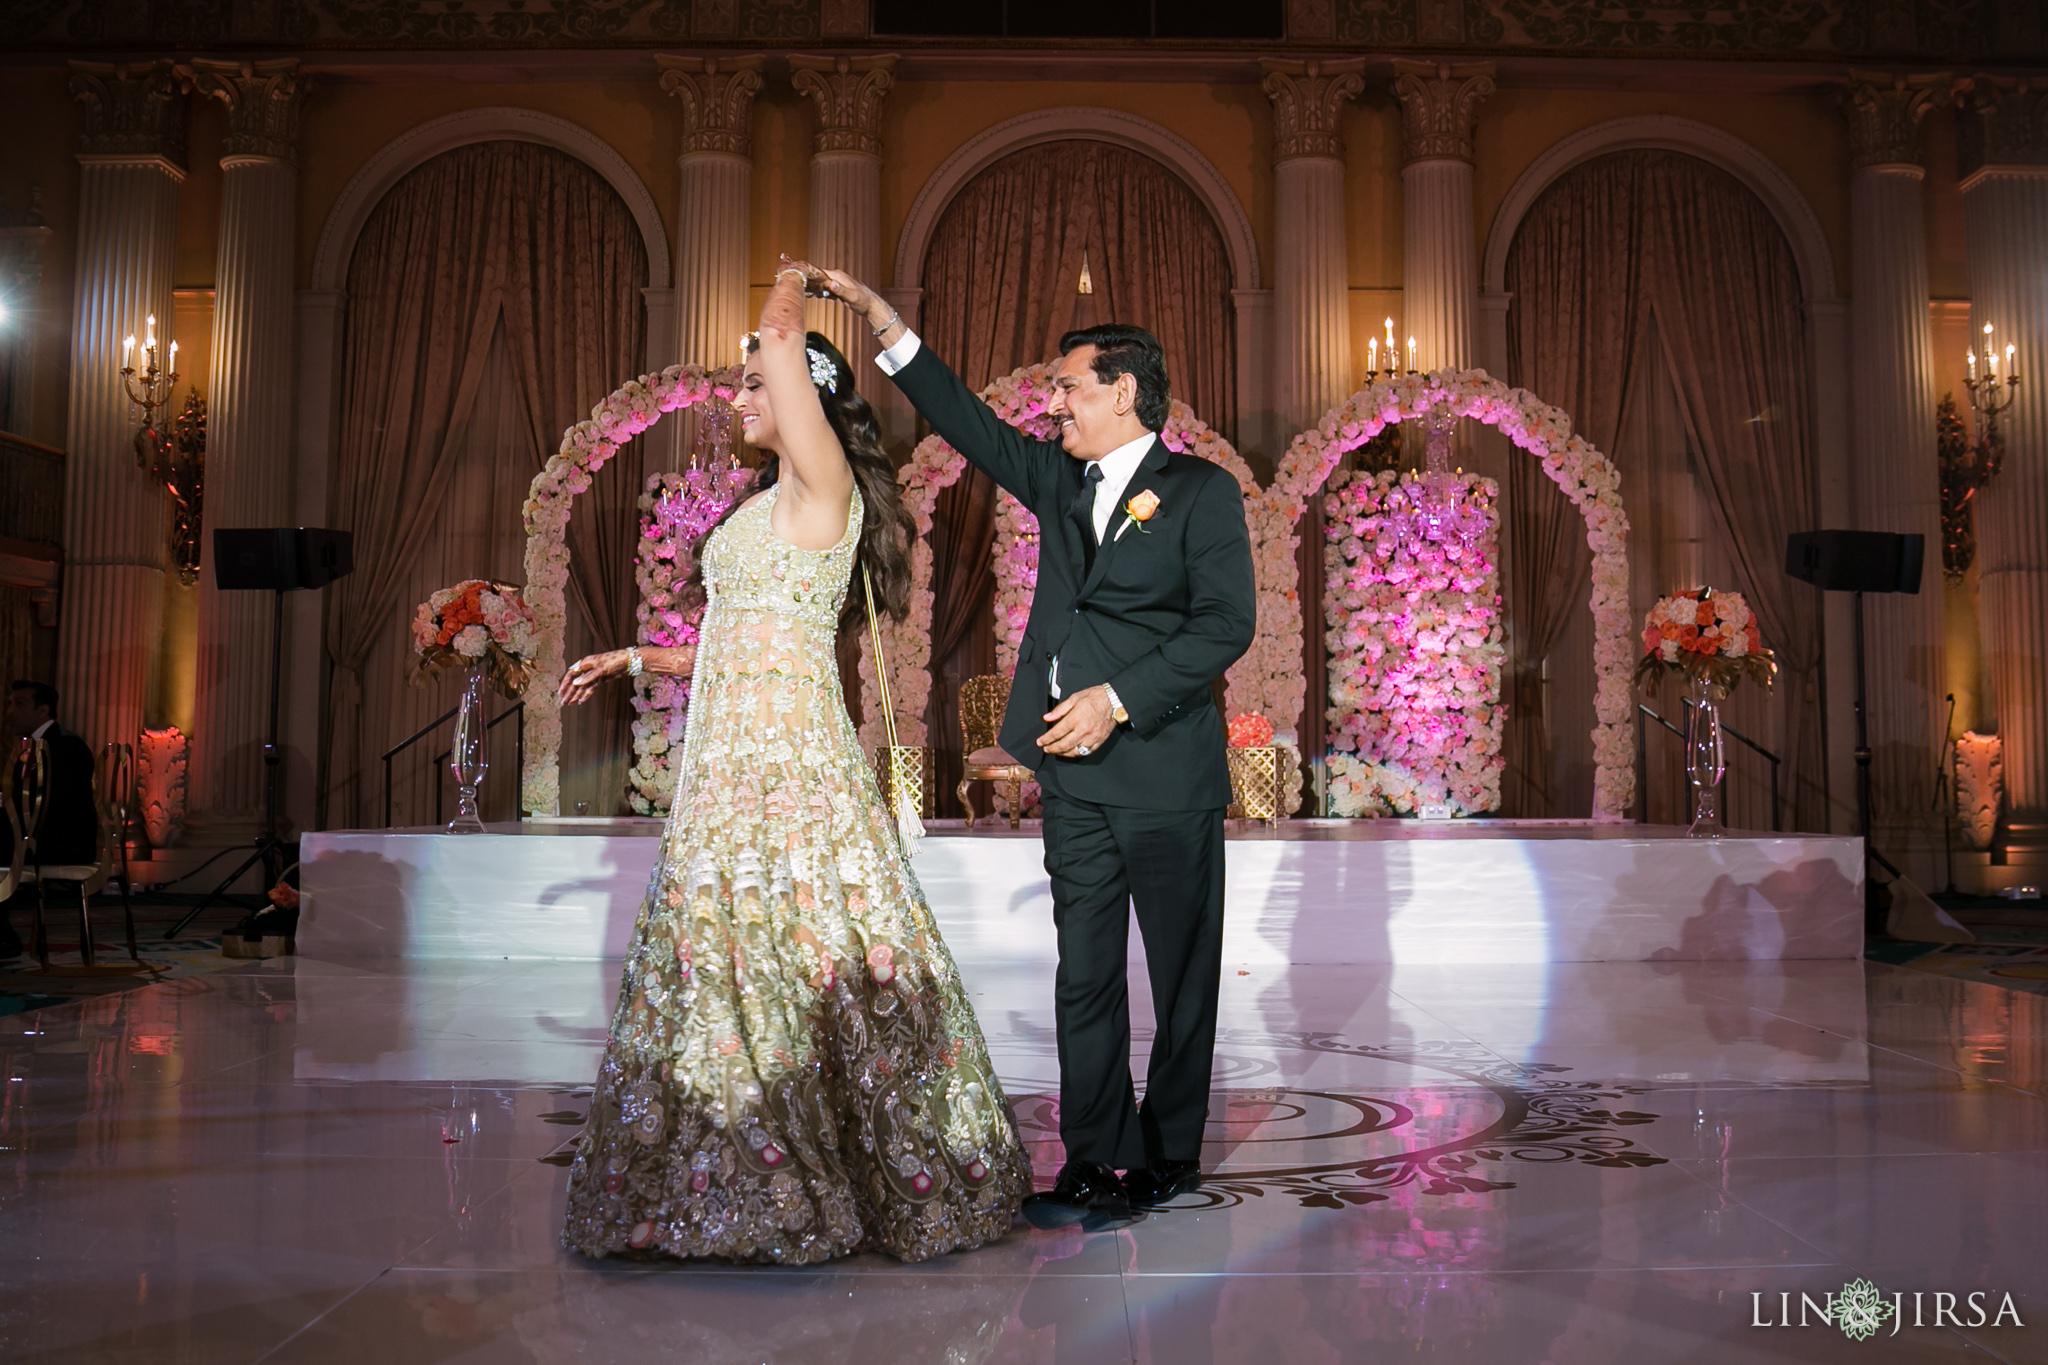 23-biltmore-hotel-los-angeles-wedding-reception-photography